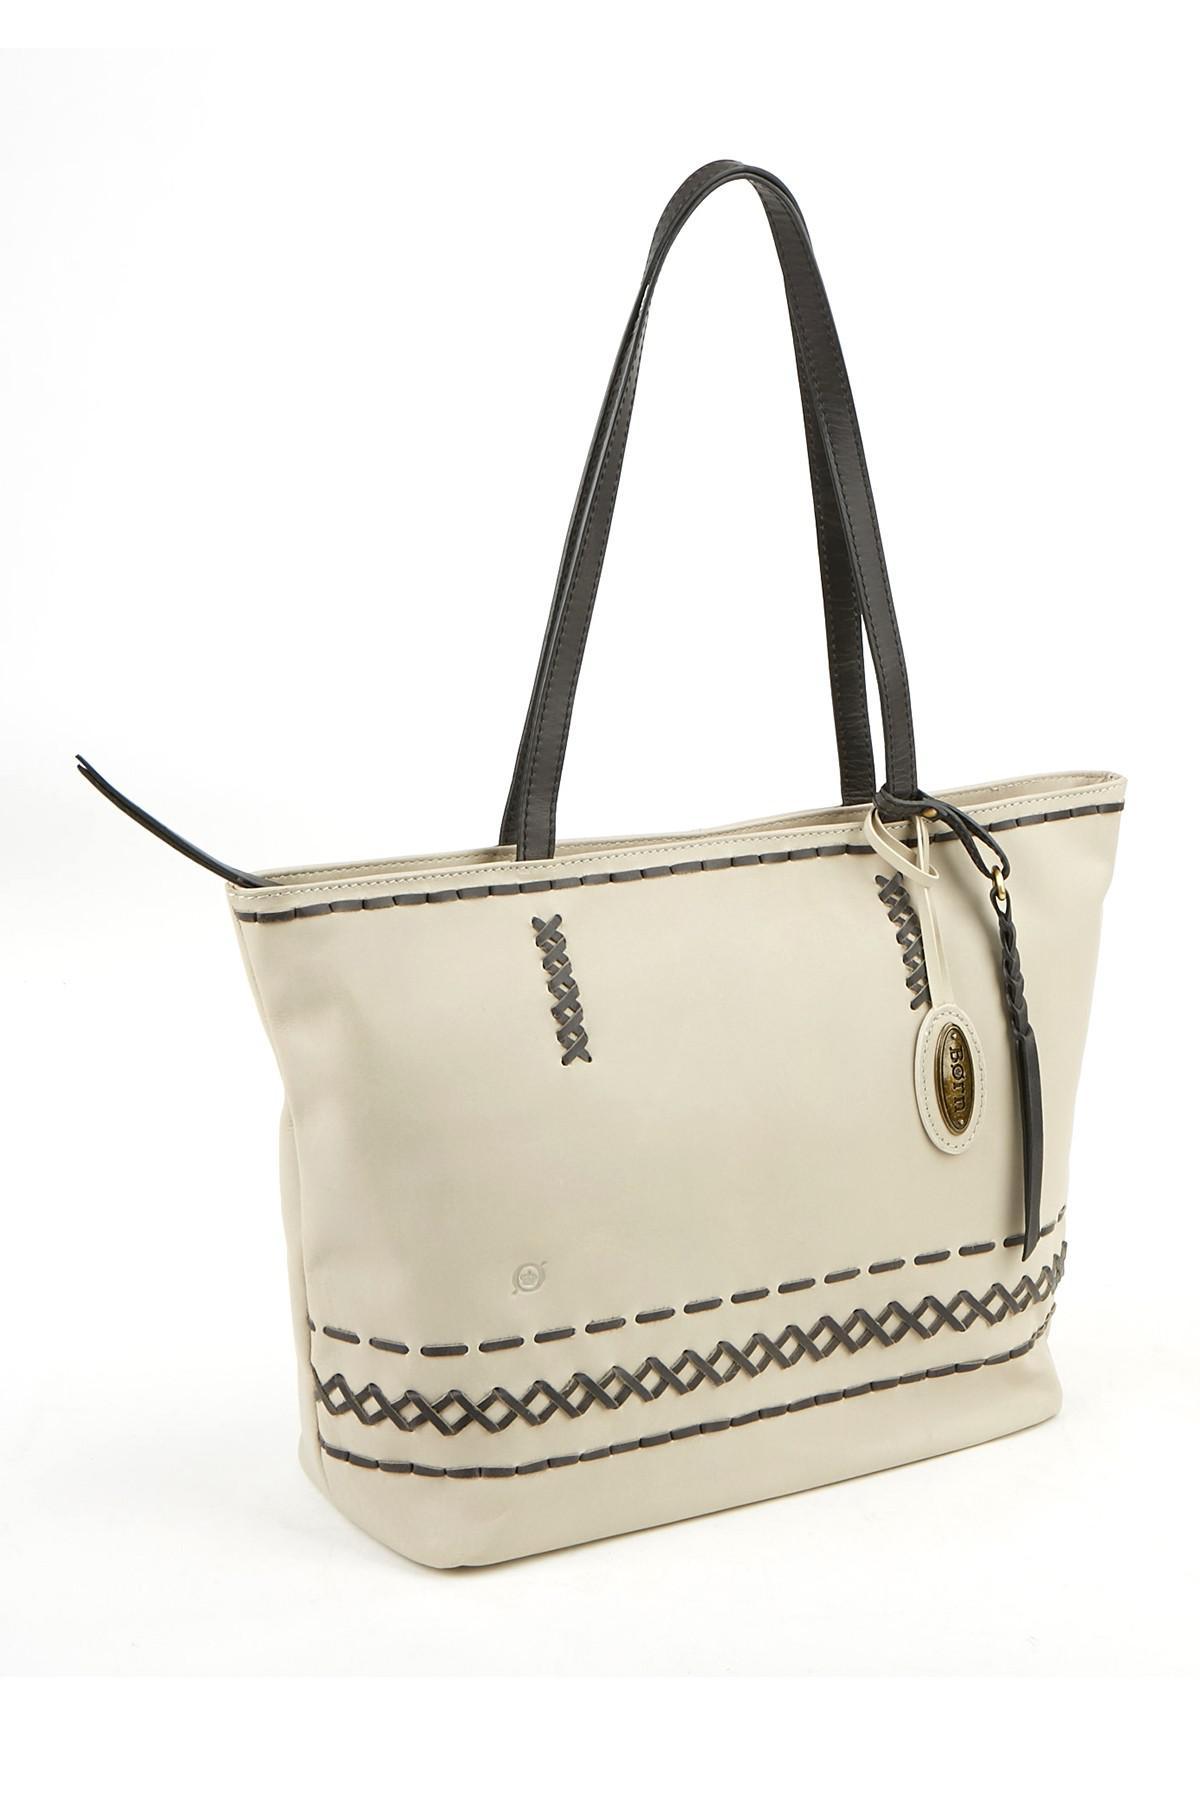 Lyst - Born Wellington Leather Tote Bag a7982815adc2e